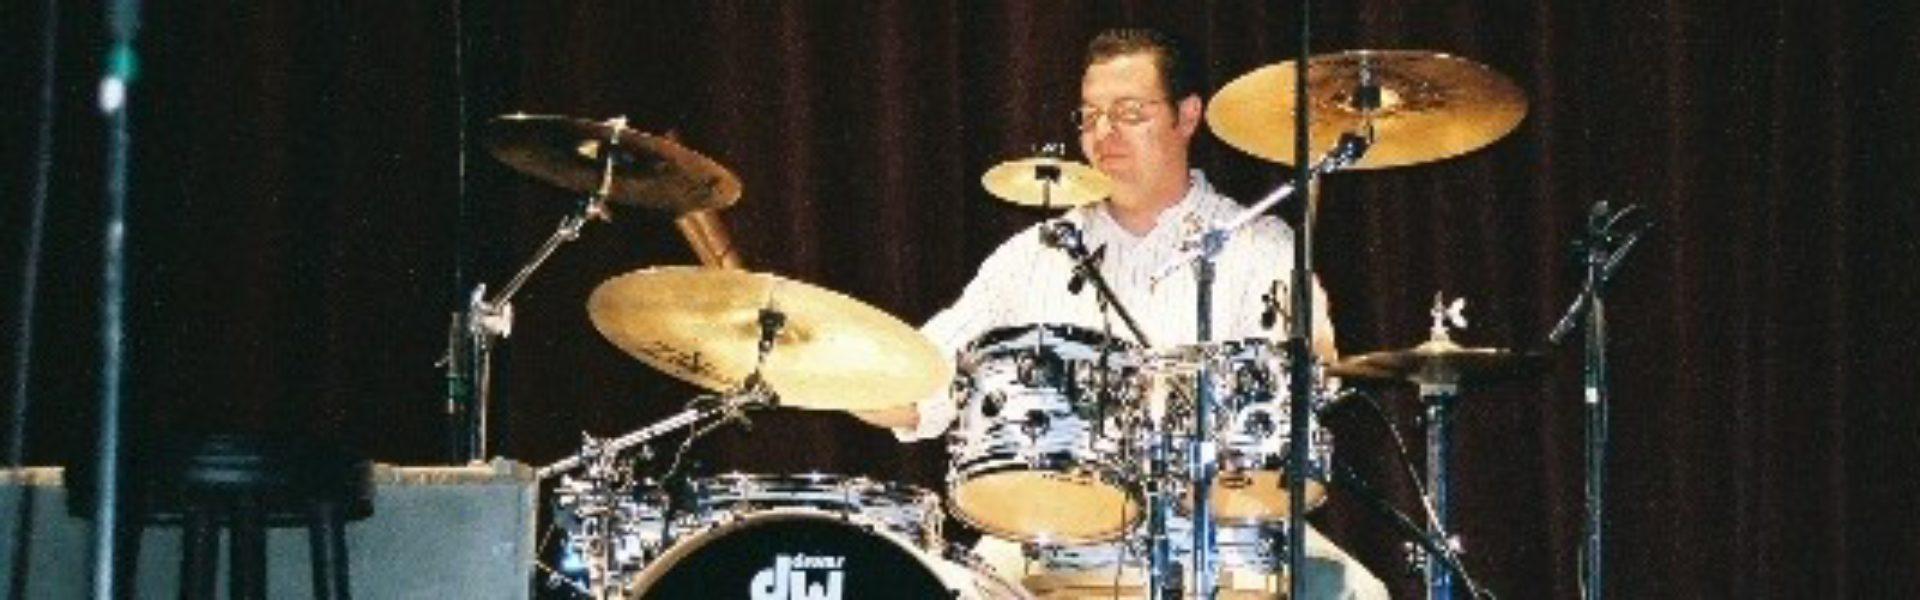 Keith Sorensen